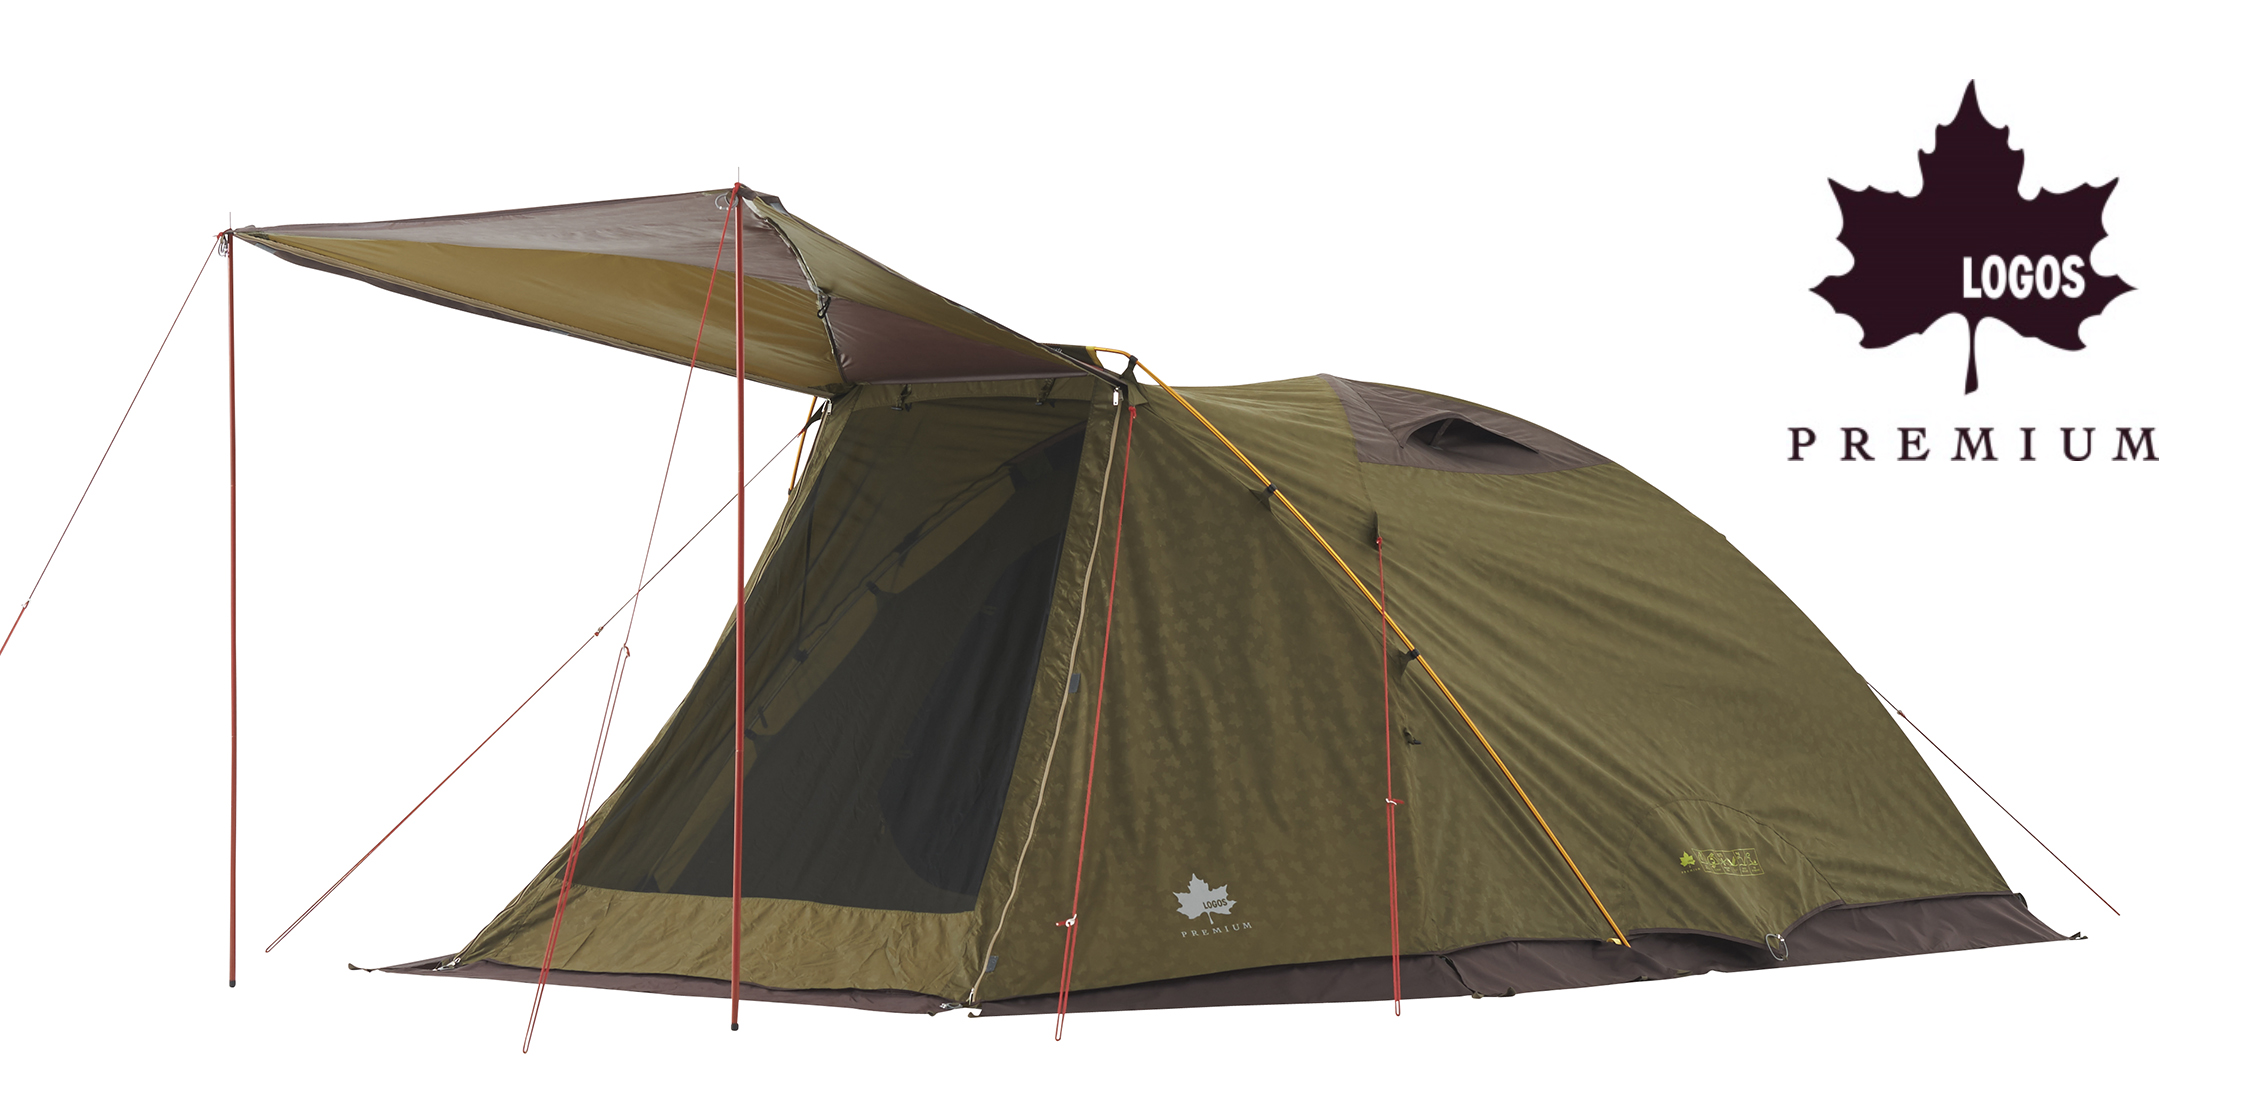 プレミアムシリーズにシンプル構造で組立てやすいシングルドームテントが